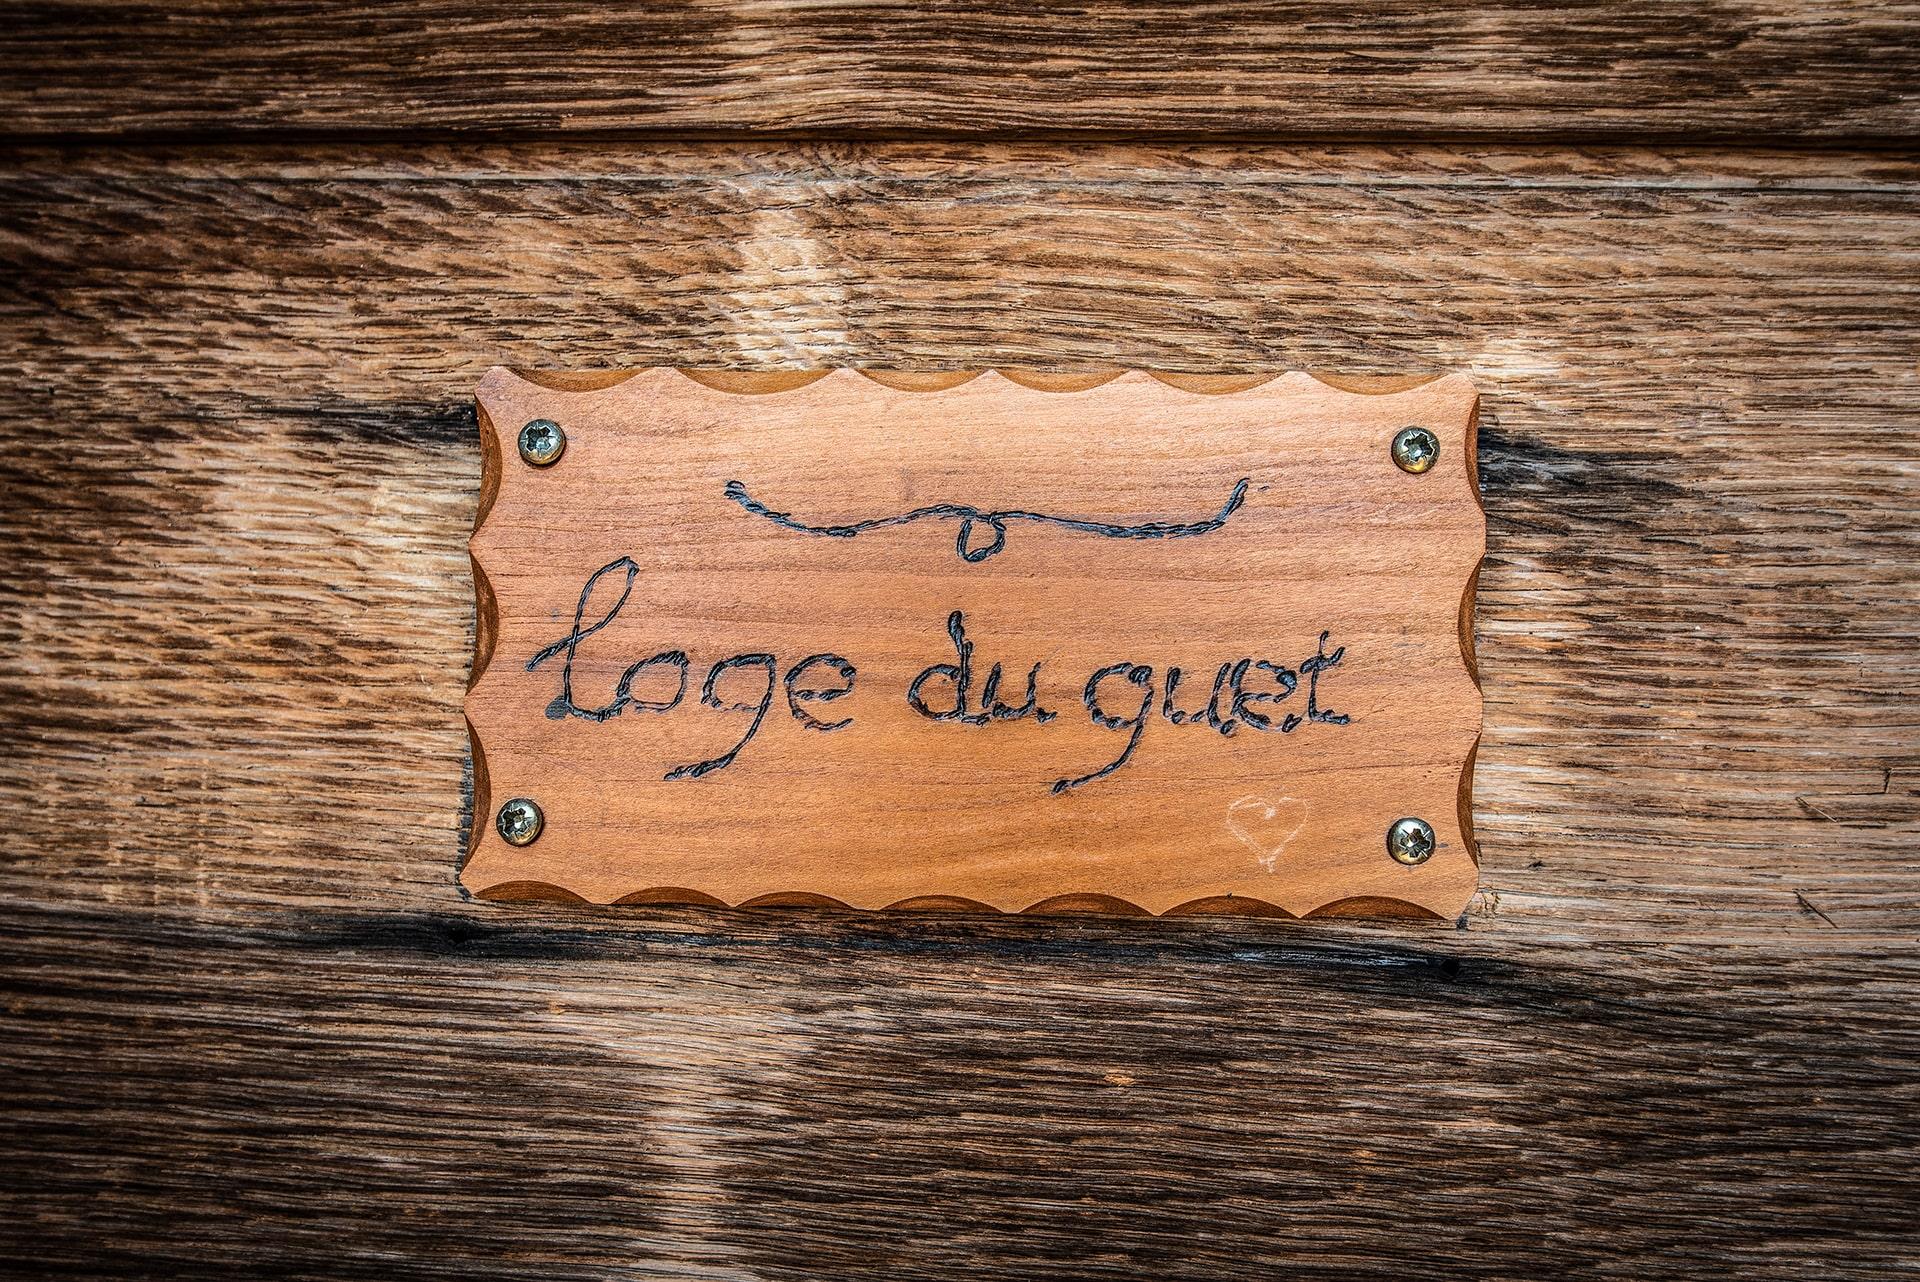 Blog Lifestyle - Loge du guet de la Cathédrale de Lausanne - Suivre sa Joie - Saskia Parein